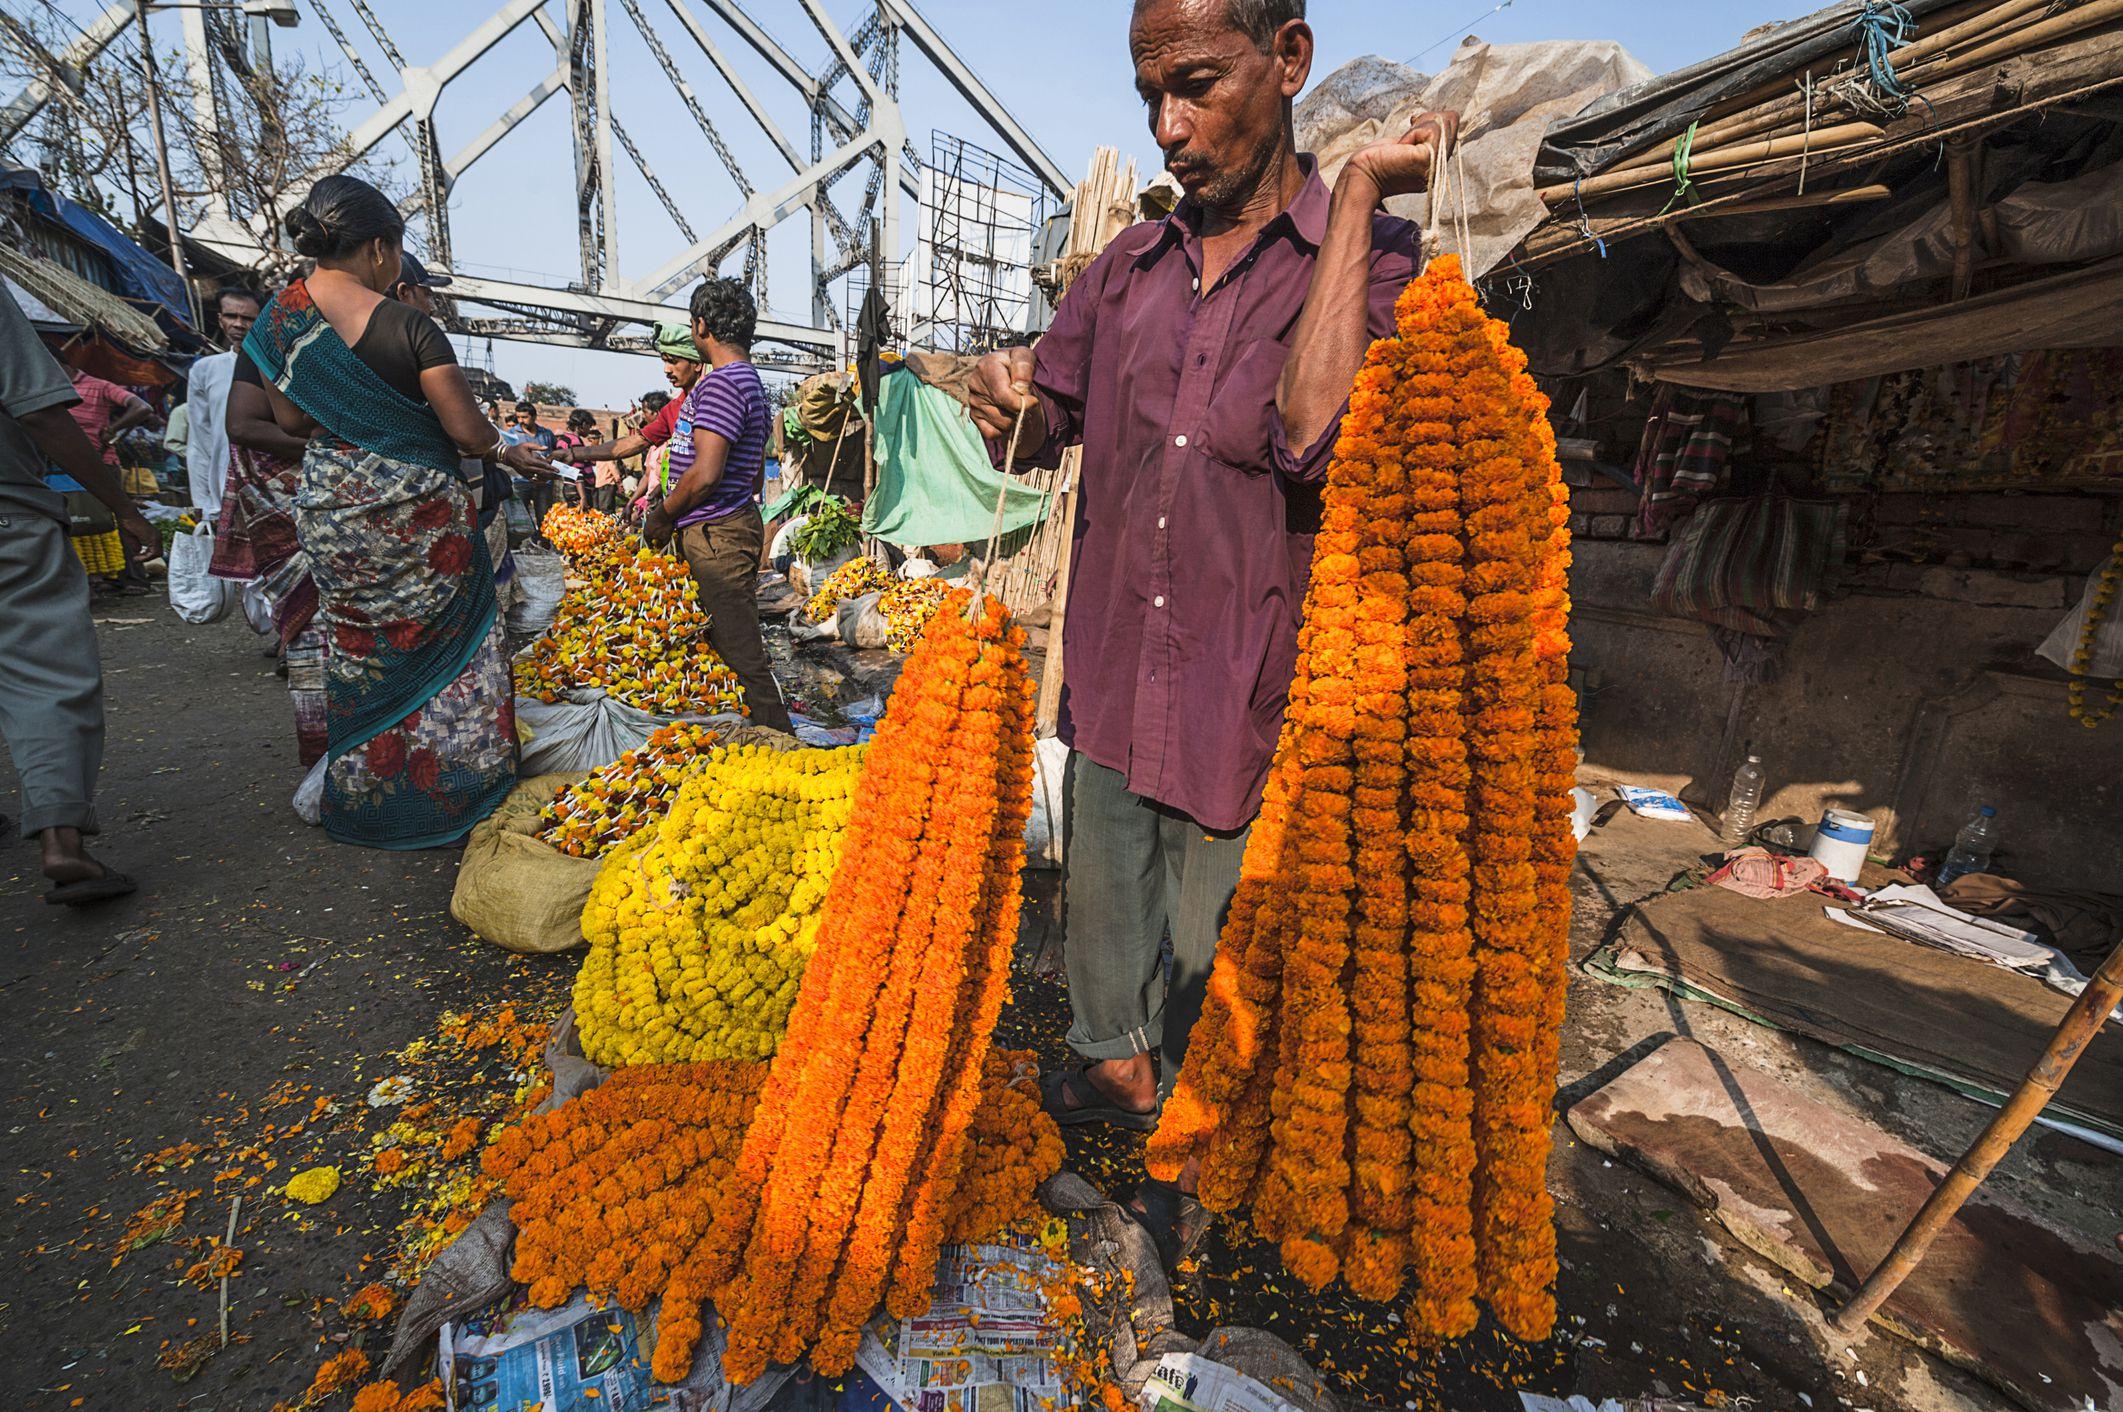 Seller at Kolkata flower market.